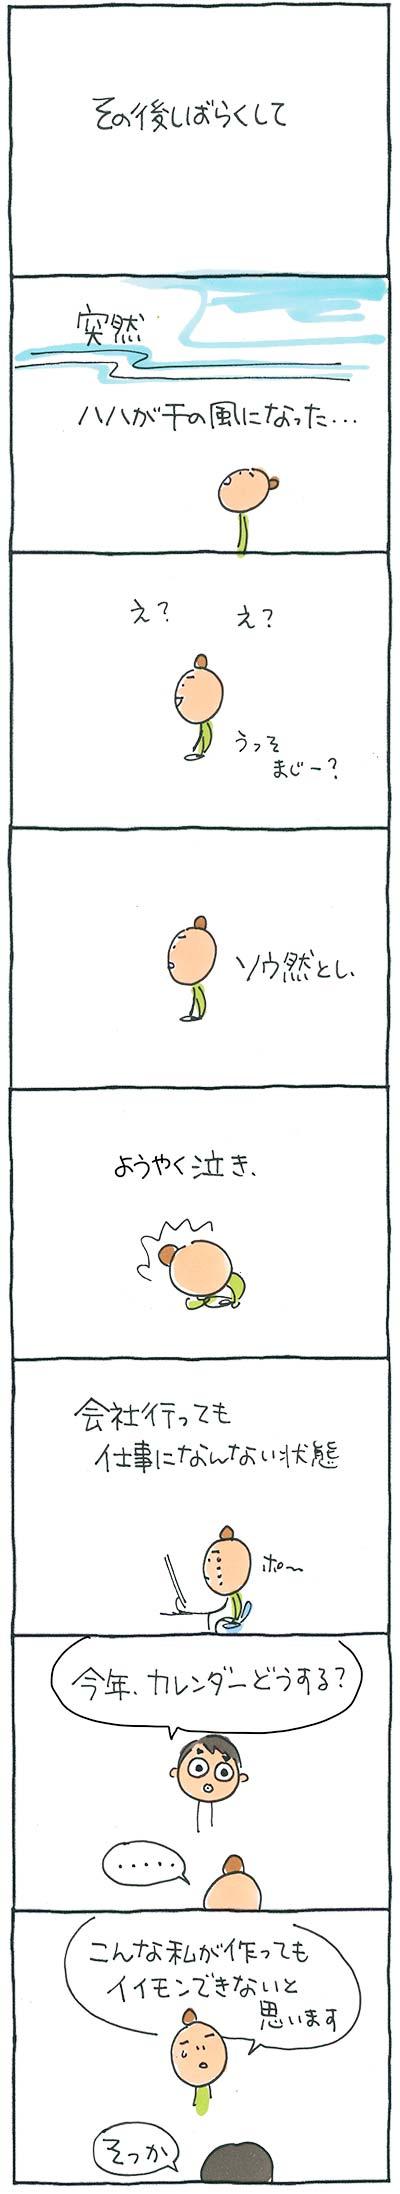 2017Y子ダイアリー02